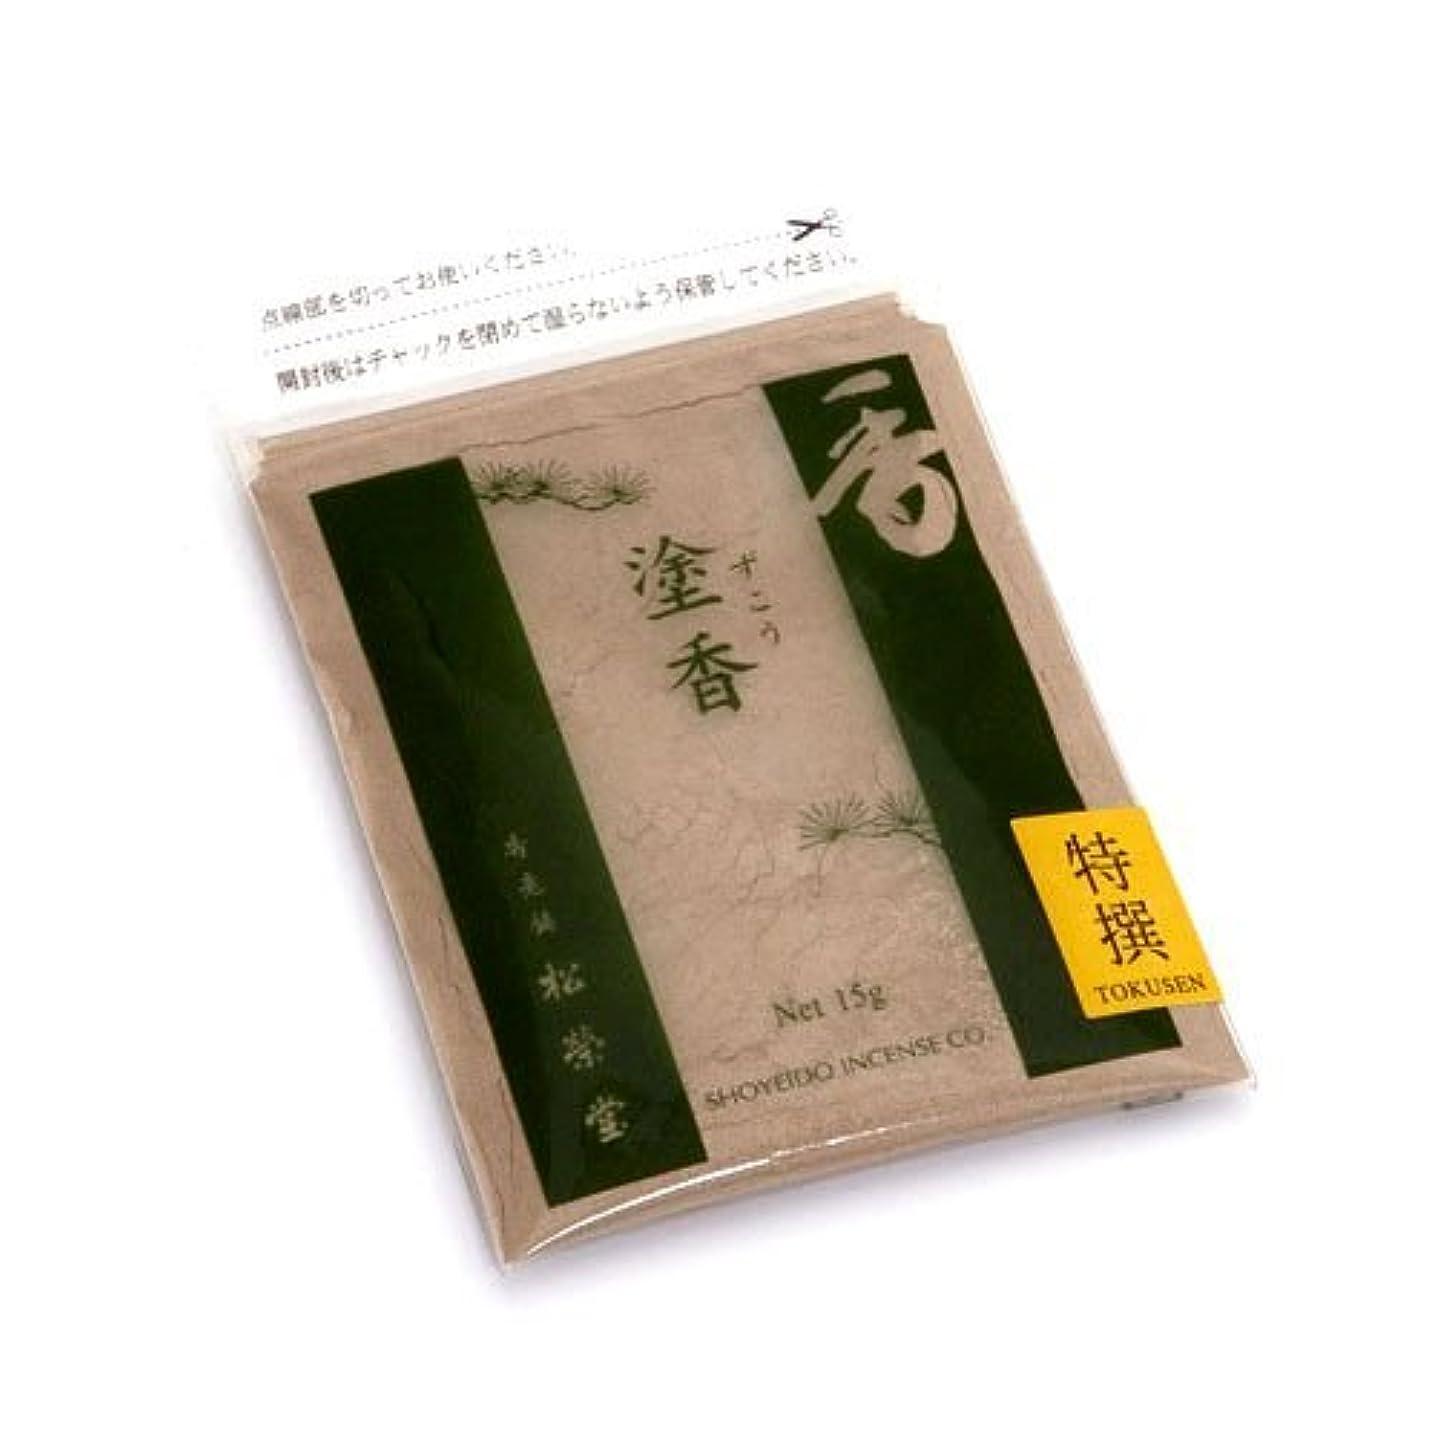 松栄堂 プレミアム品質 塗香 - 特選